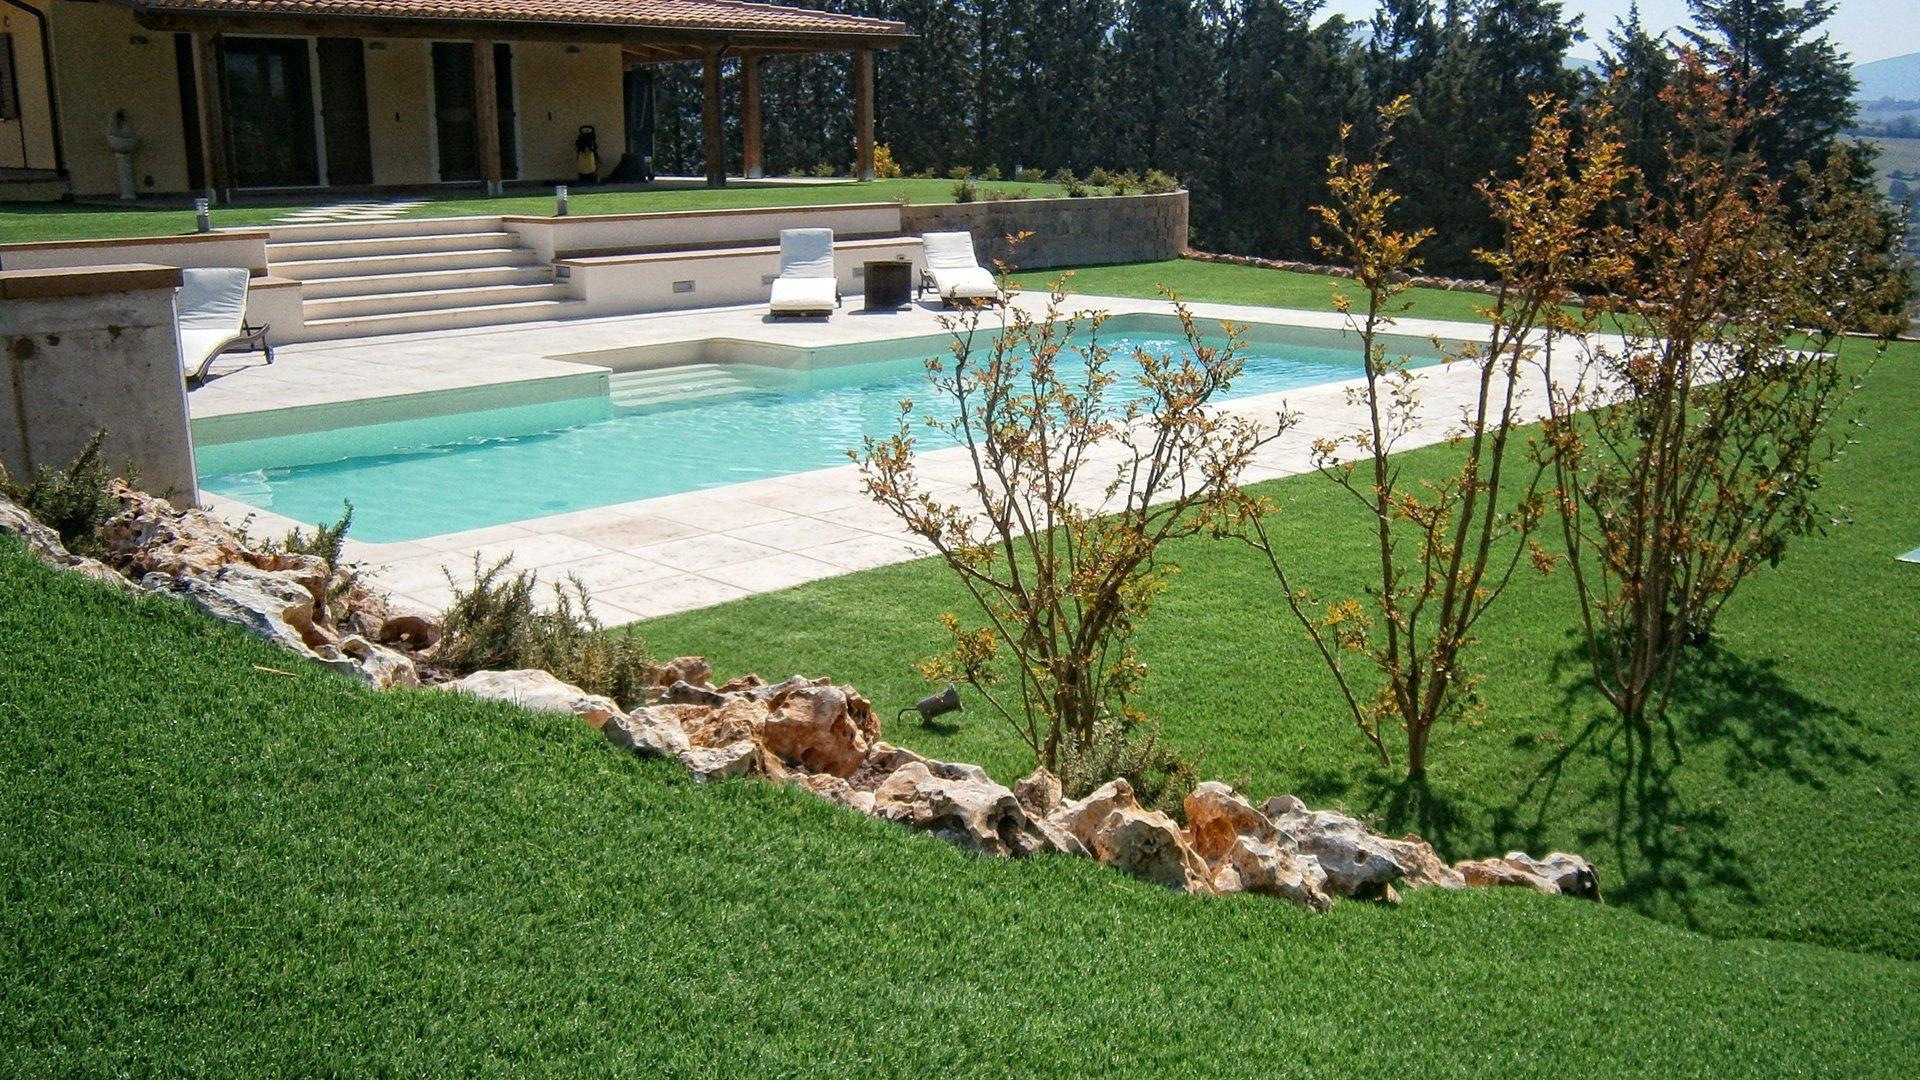 Quanto costa veramente un giardino in erba sintetica - Quando seminare erba giardino ...